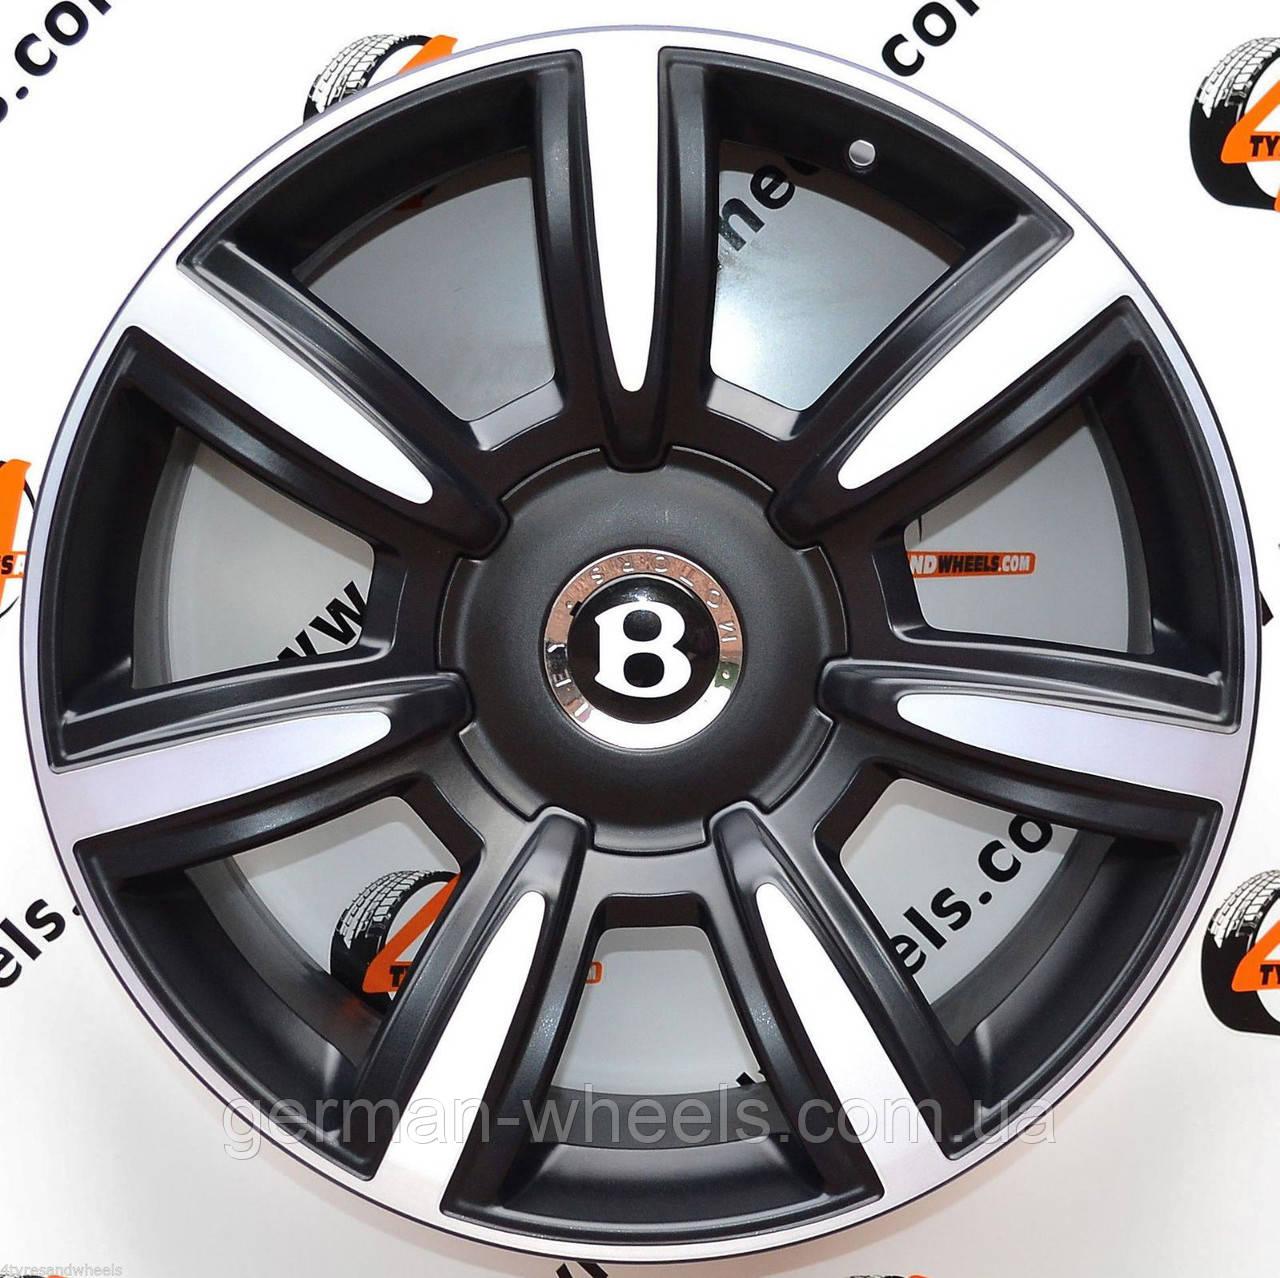 Диски новые оригинальные Bentley CONTINENTAL GT FLYING SPUR кованые (FORGED), эксклюзивный цвет - черный мат.